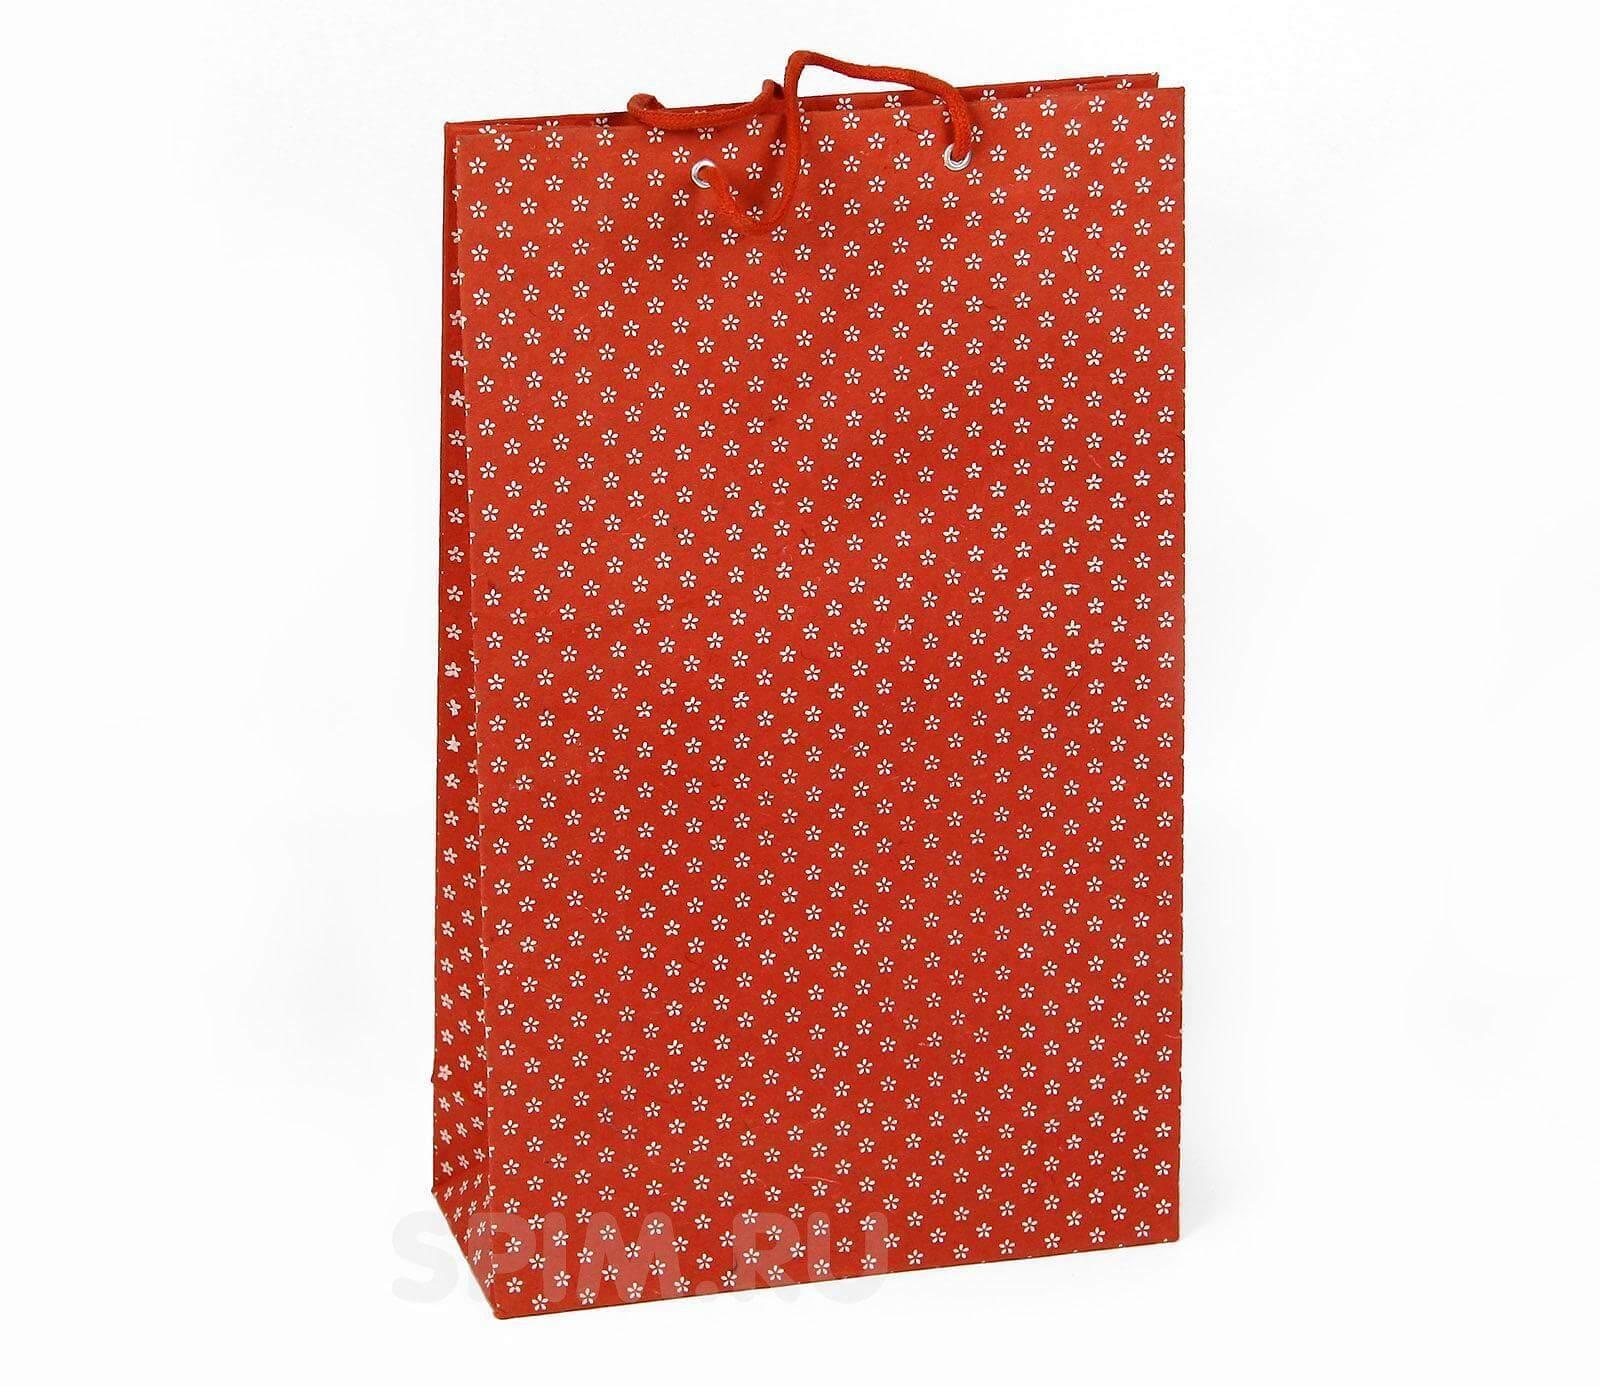 Высокий подарочный пакет Цветочные мотивы - Detskoye-Postelnoe.Ru